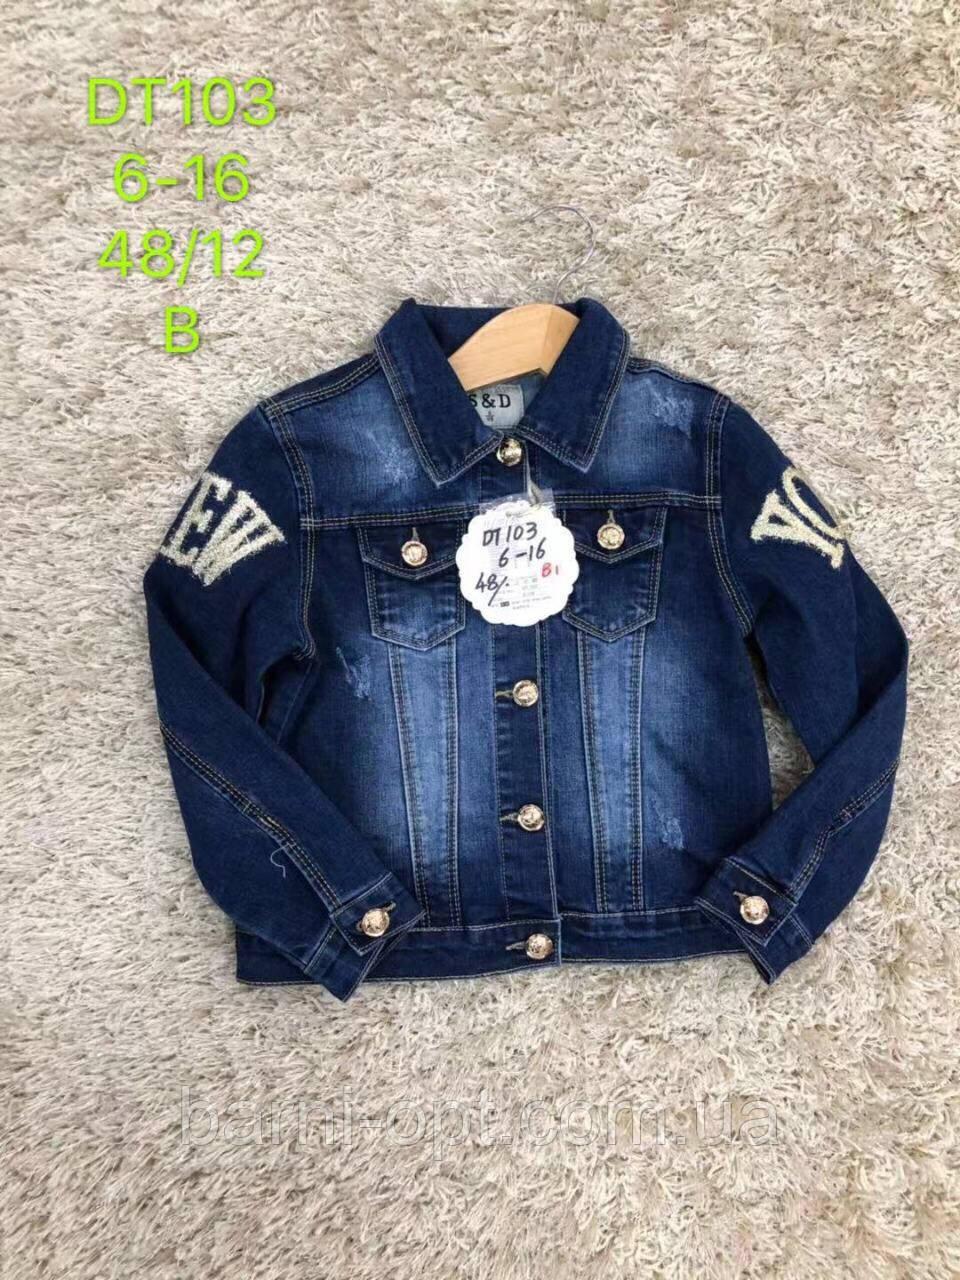 Джинсовые куртки для девочек оптом, S&D, 6-16 рр.